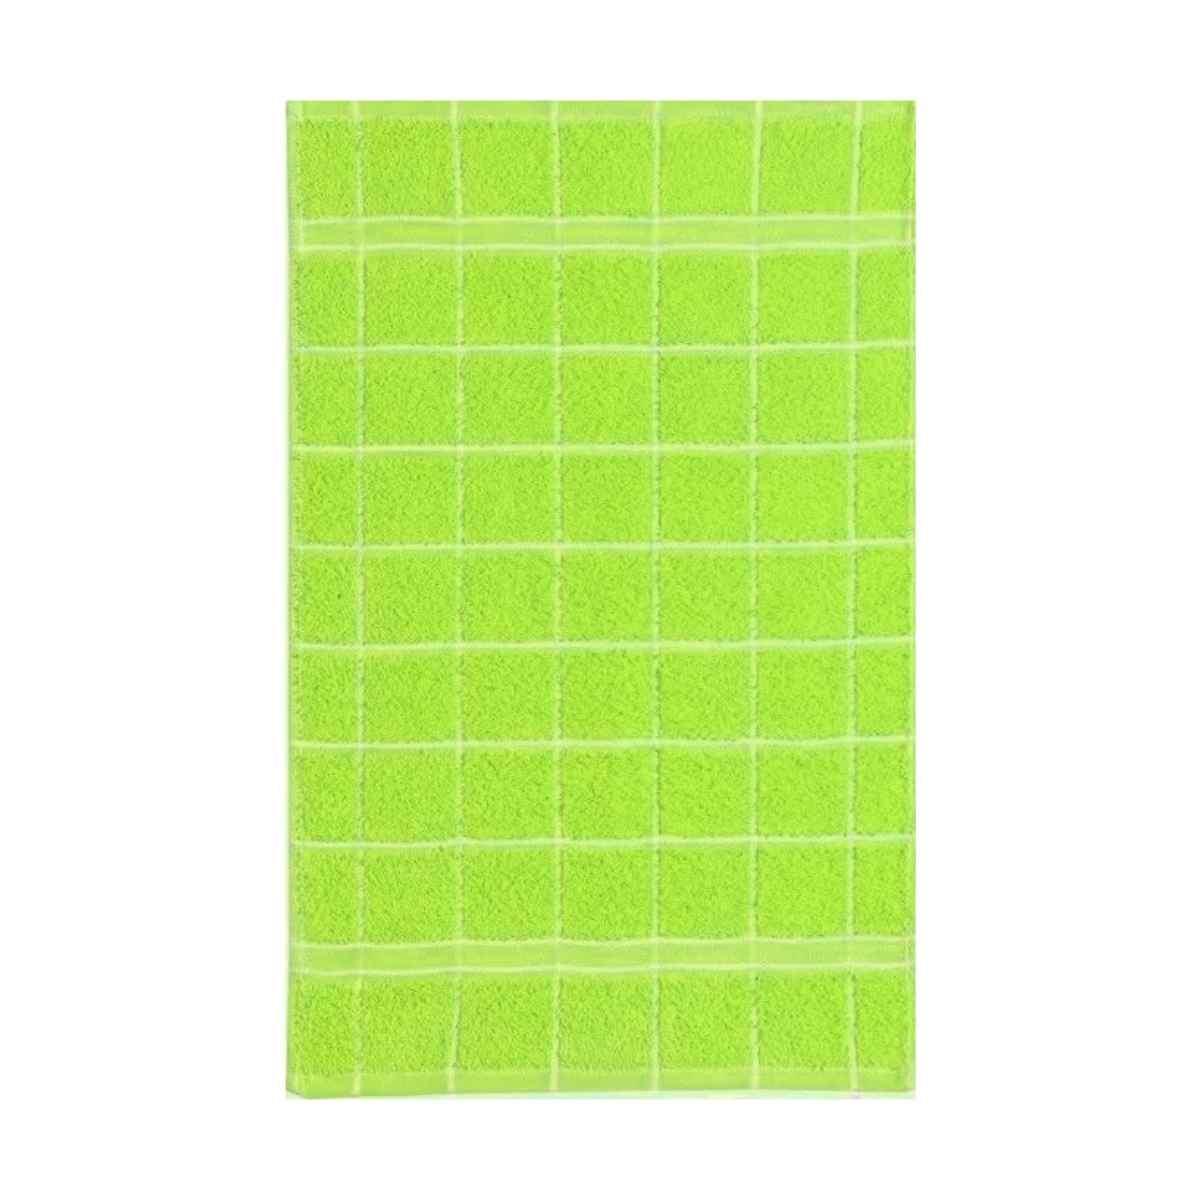 Pano de Copa Grid Verde Limão